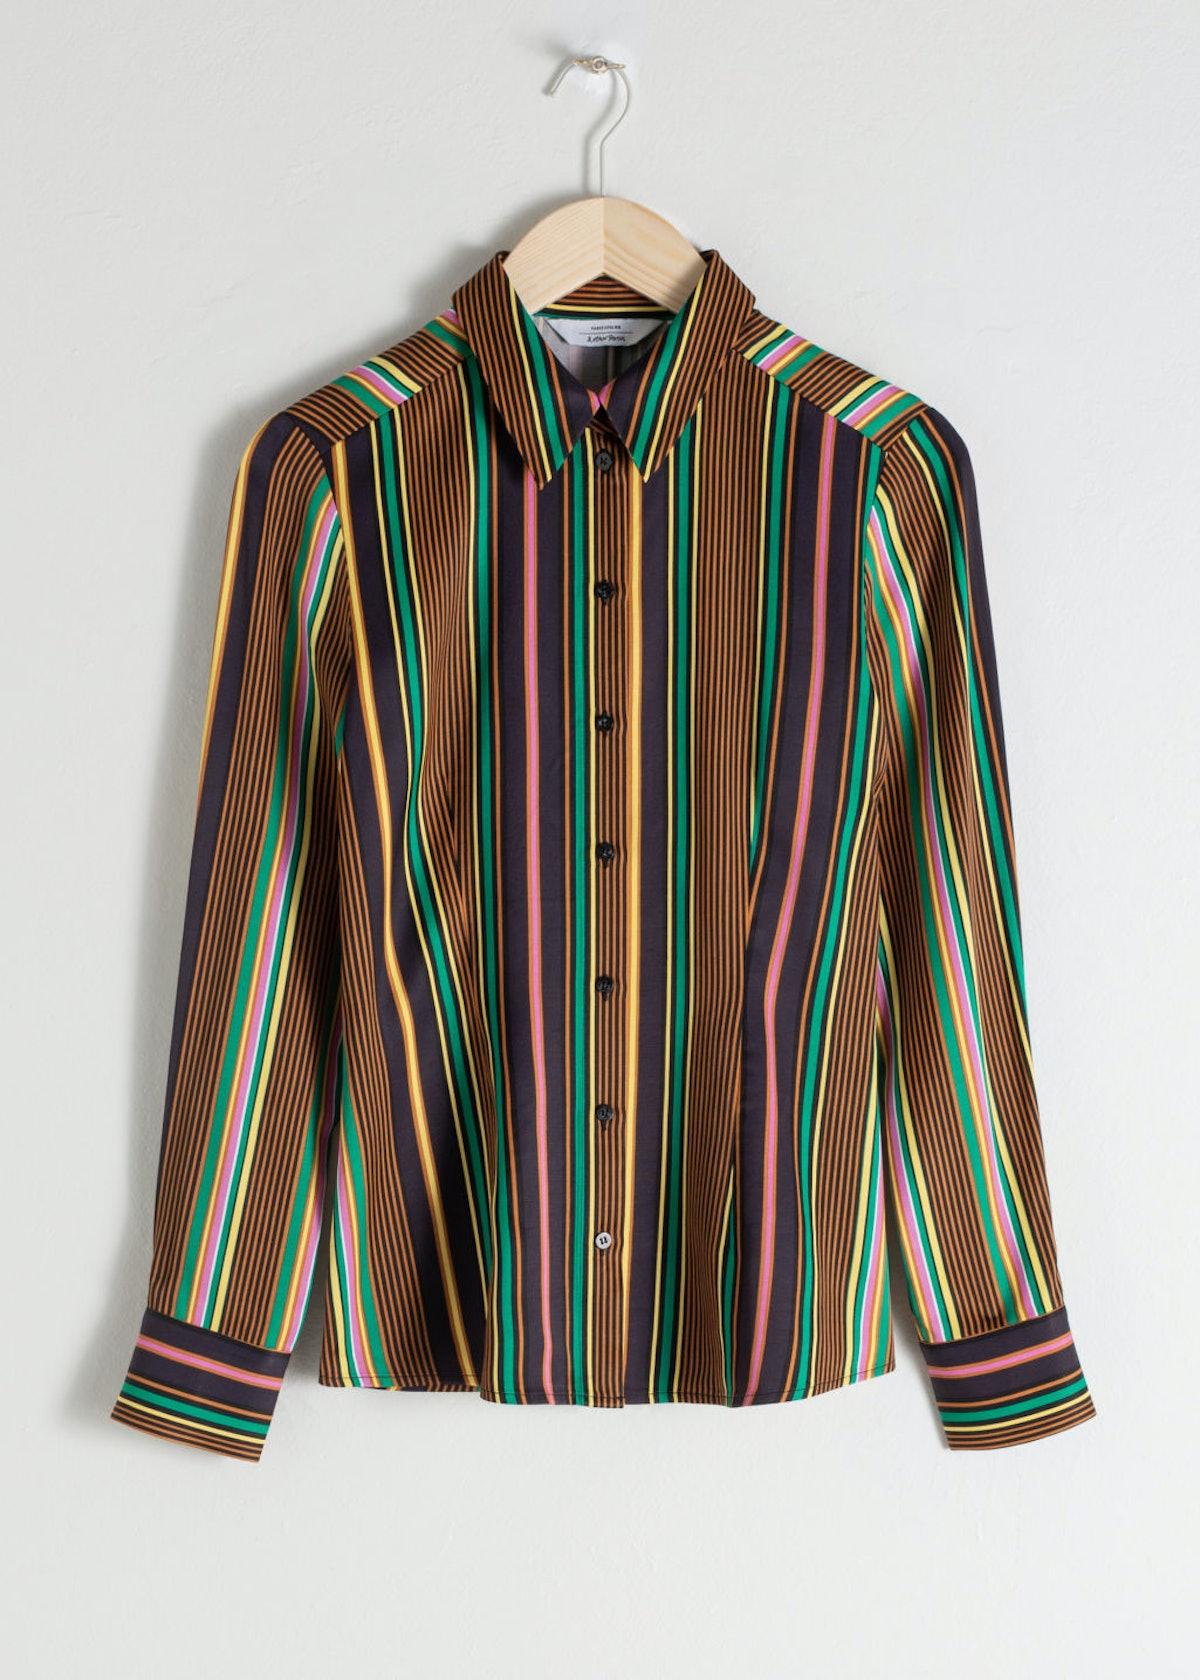 Striped Satin Button Up Shirt